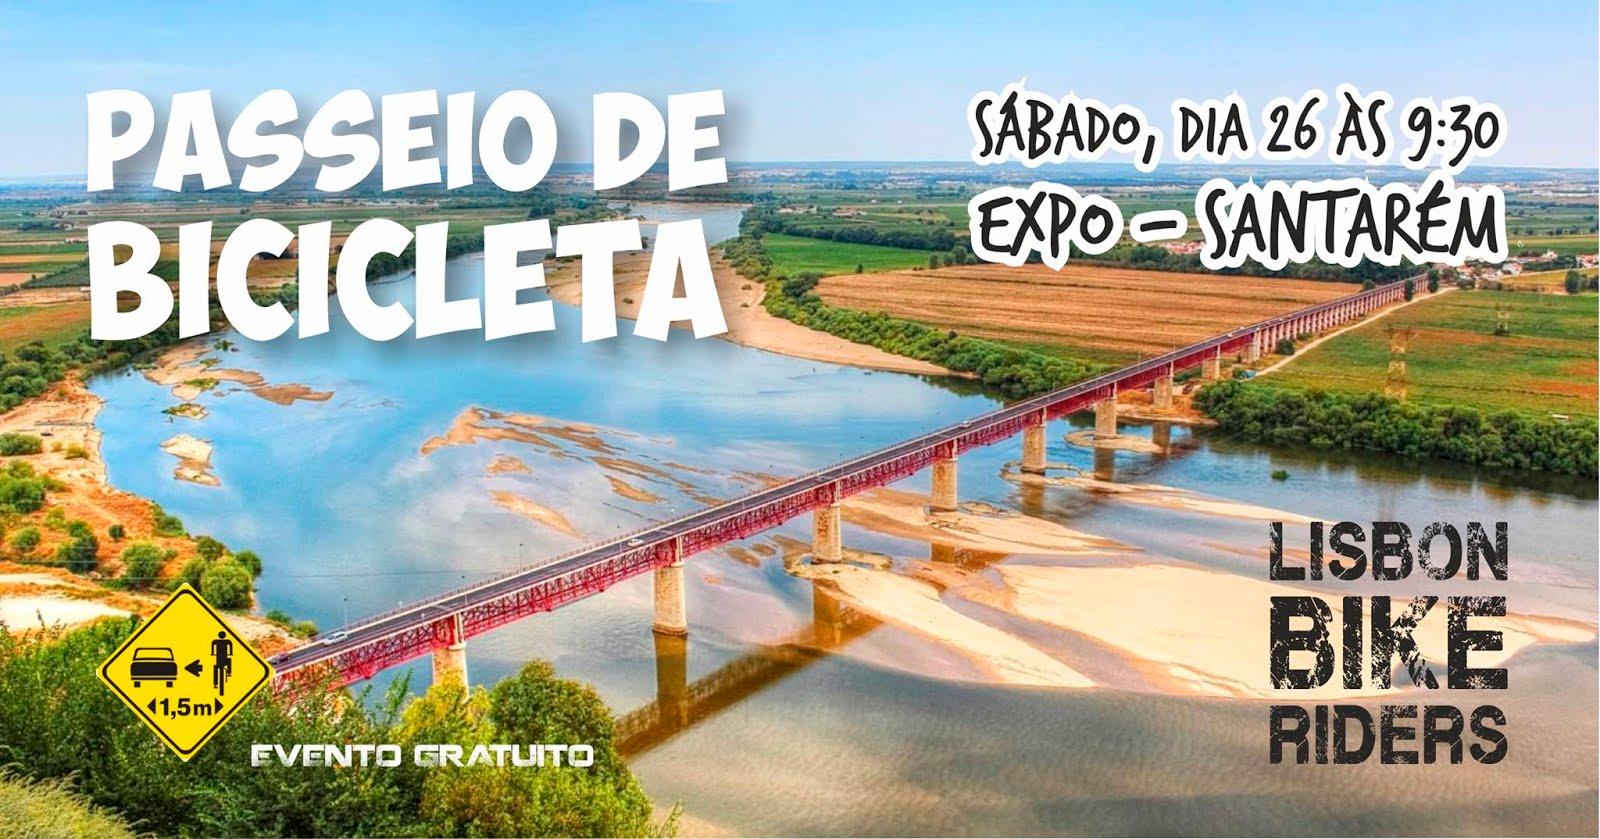 26AGO * LISBOA – EXPO